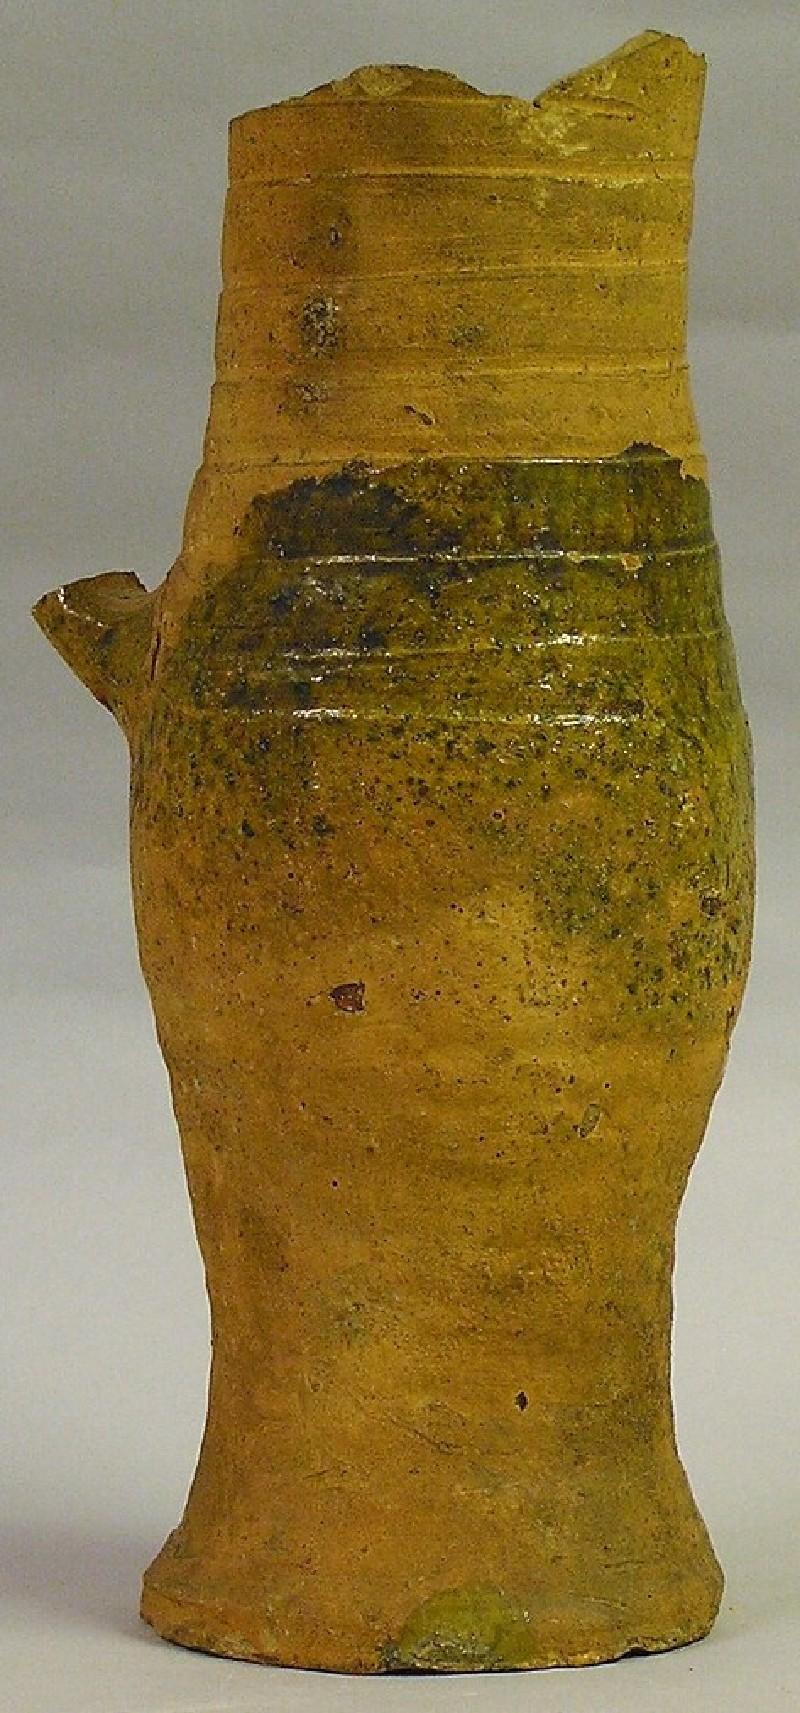 Baluster jug (AN1971.1227, record shot)